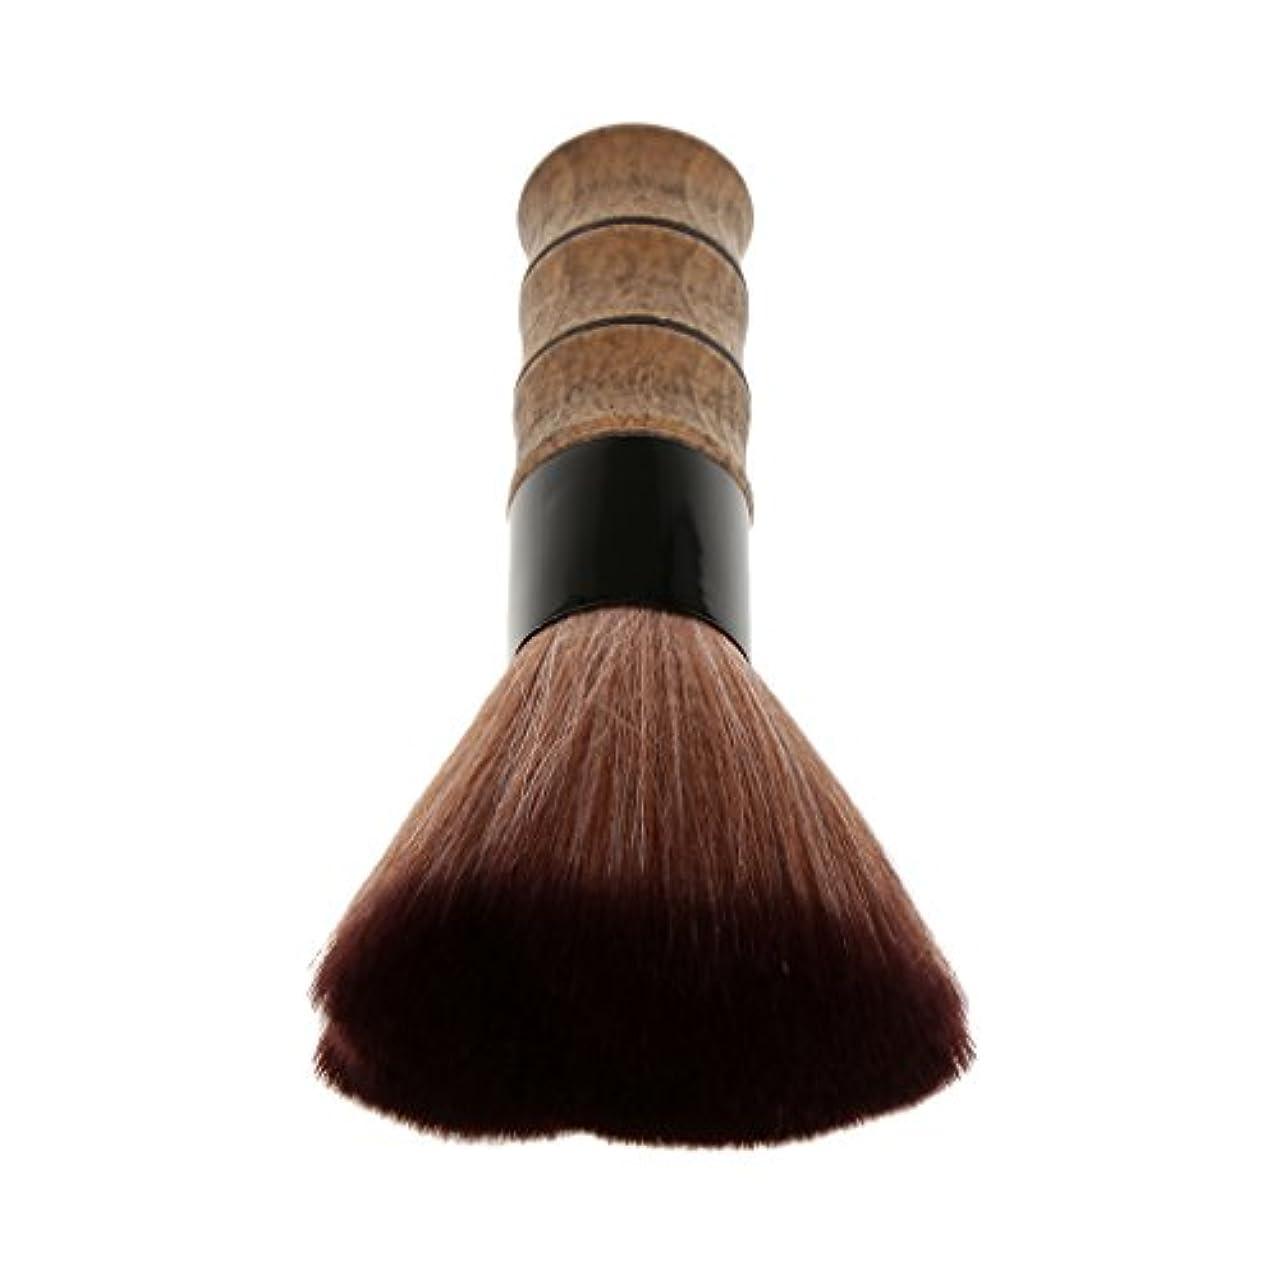 かる干ばつ解釈するシェービングブラシ 洗顔 美容ブラシ メイクブラシ ソフトファイバー 竹ハンドル シェービング ブラシ スキンケア メイクアップ 2色選べる - 褐色